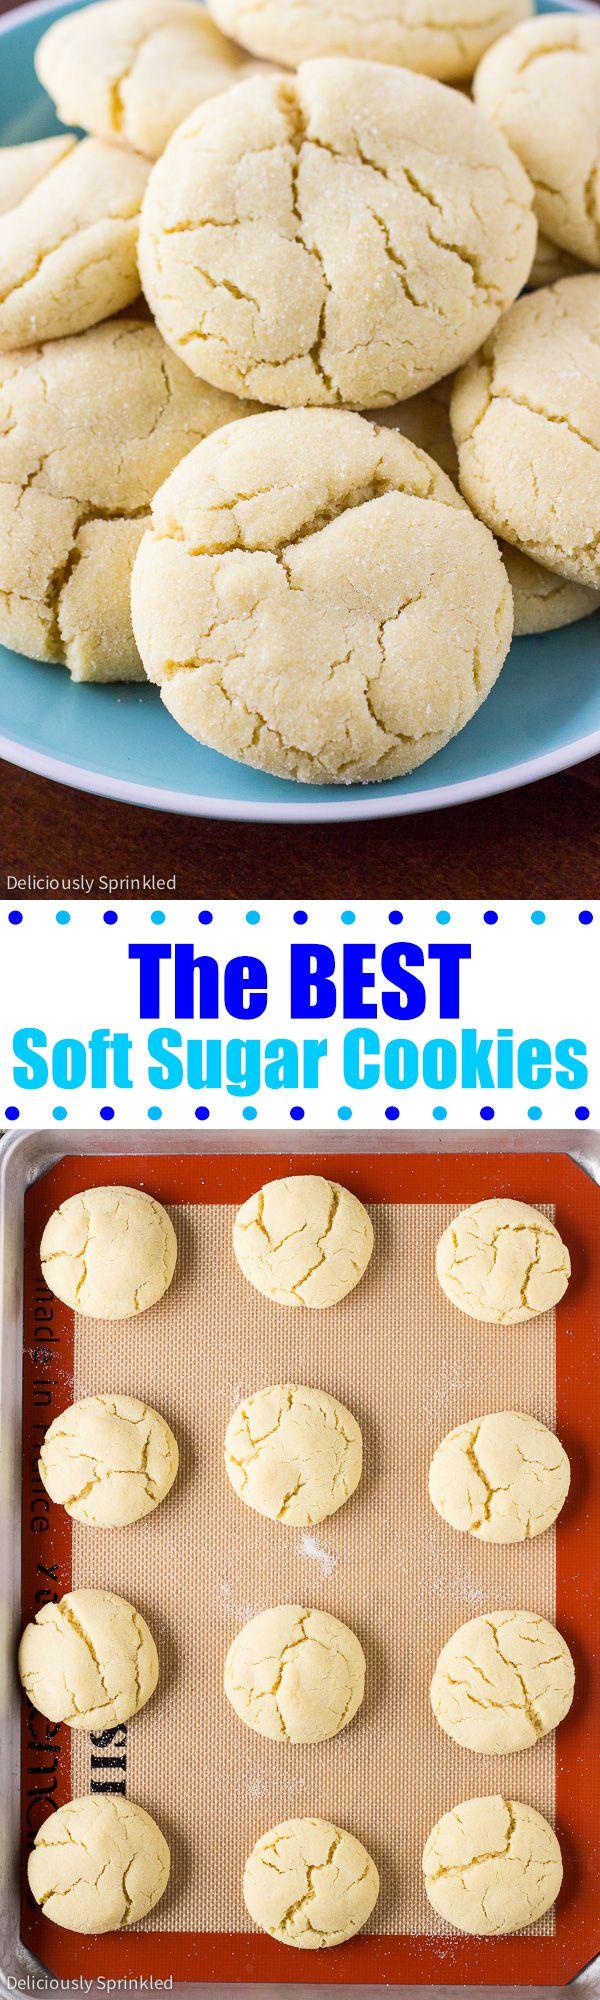 Gluten free egg yolk cookie recipes